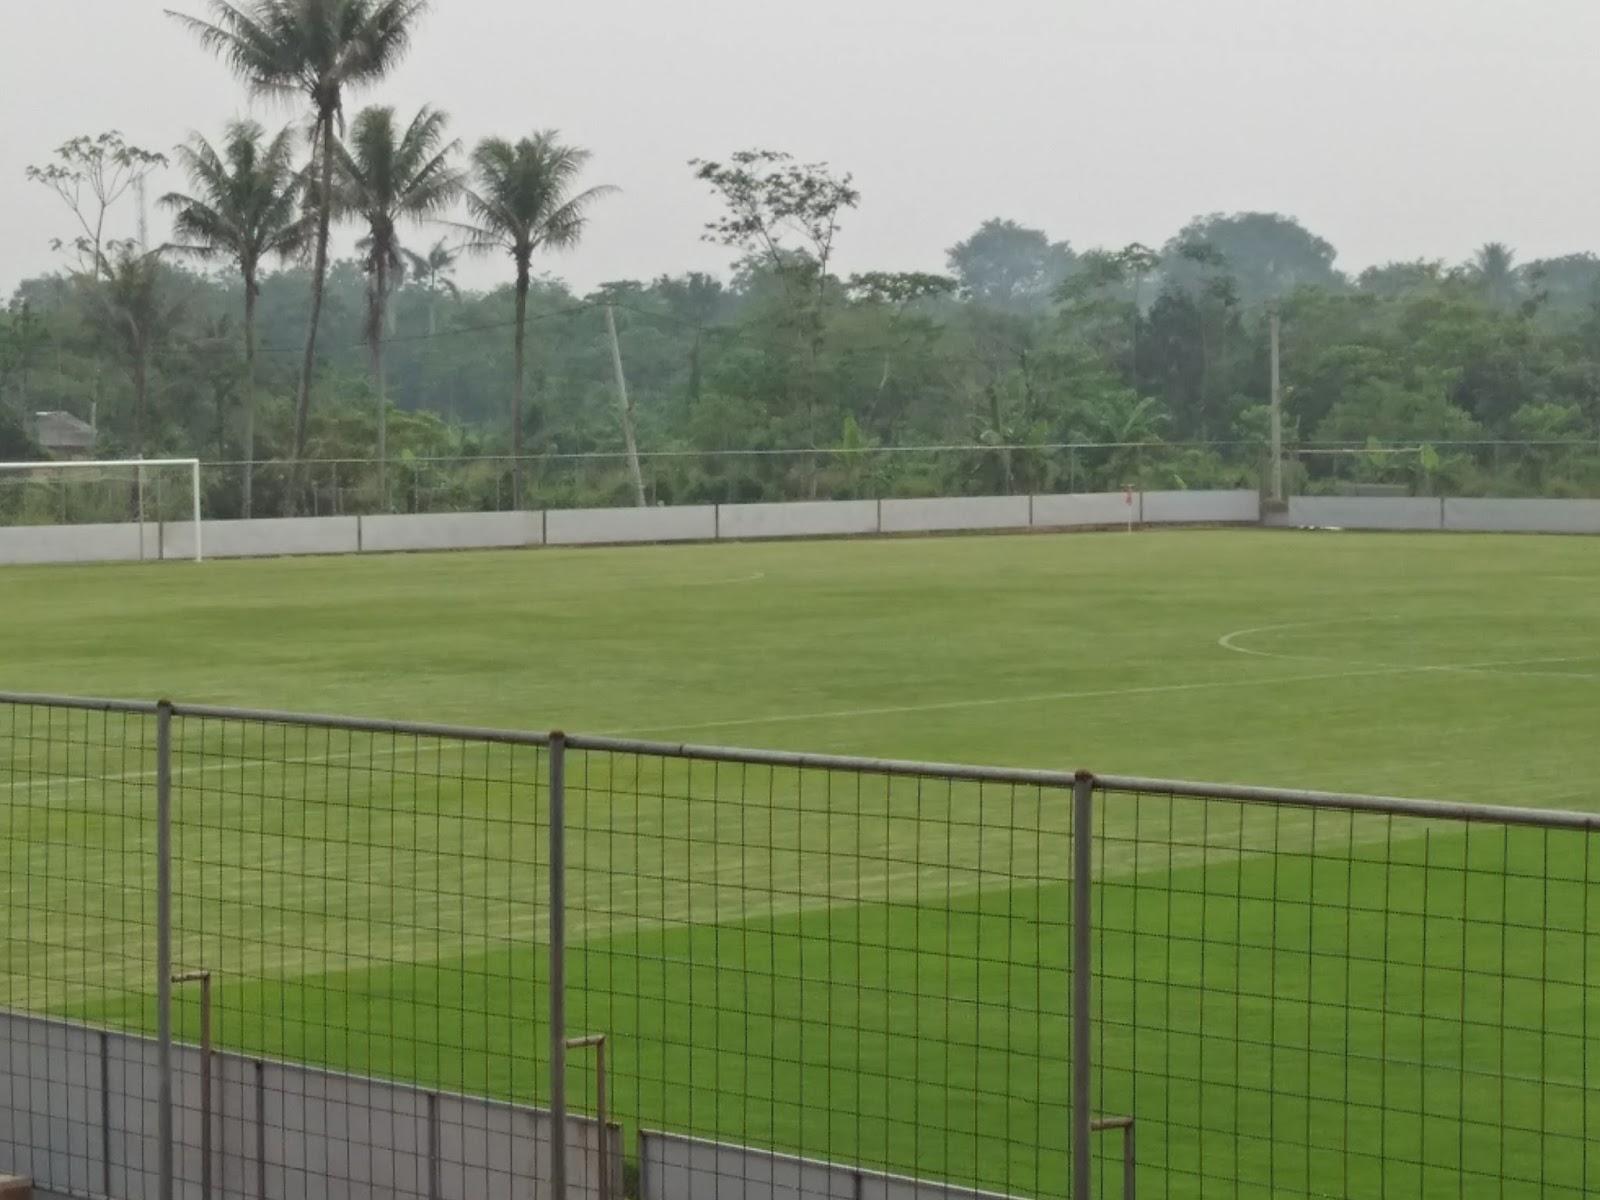 Jual Bibit Rumput Lapangan Sepak Bola Internasional Agen Biji Tanaman Hias Cara Penanaman